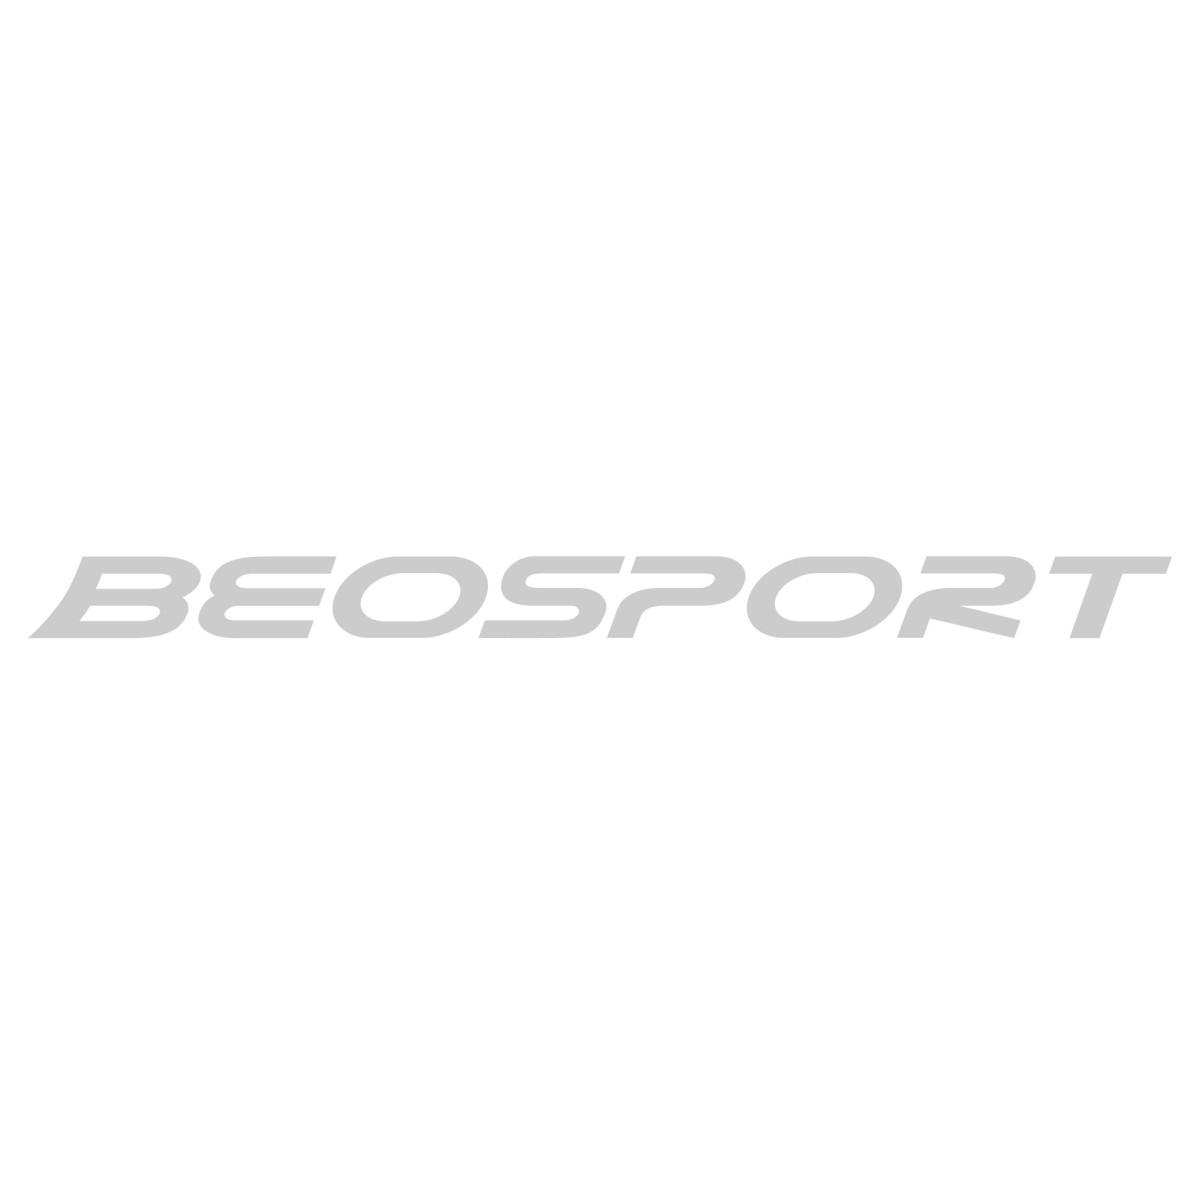 Wilson Nfl Team Logo 49ers lopta za ragbi